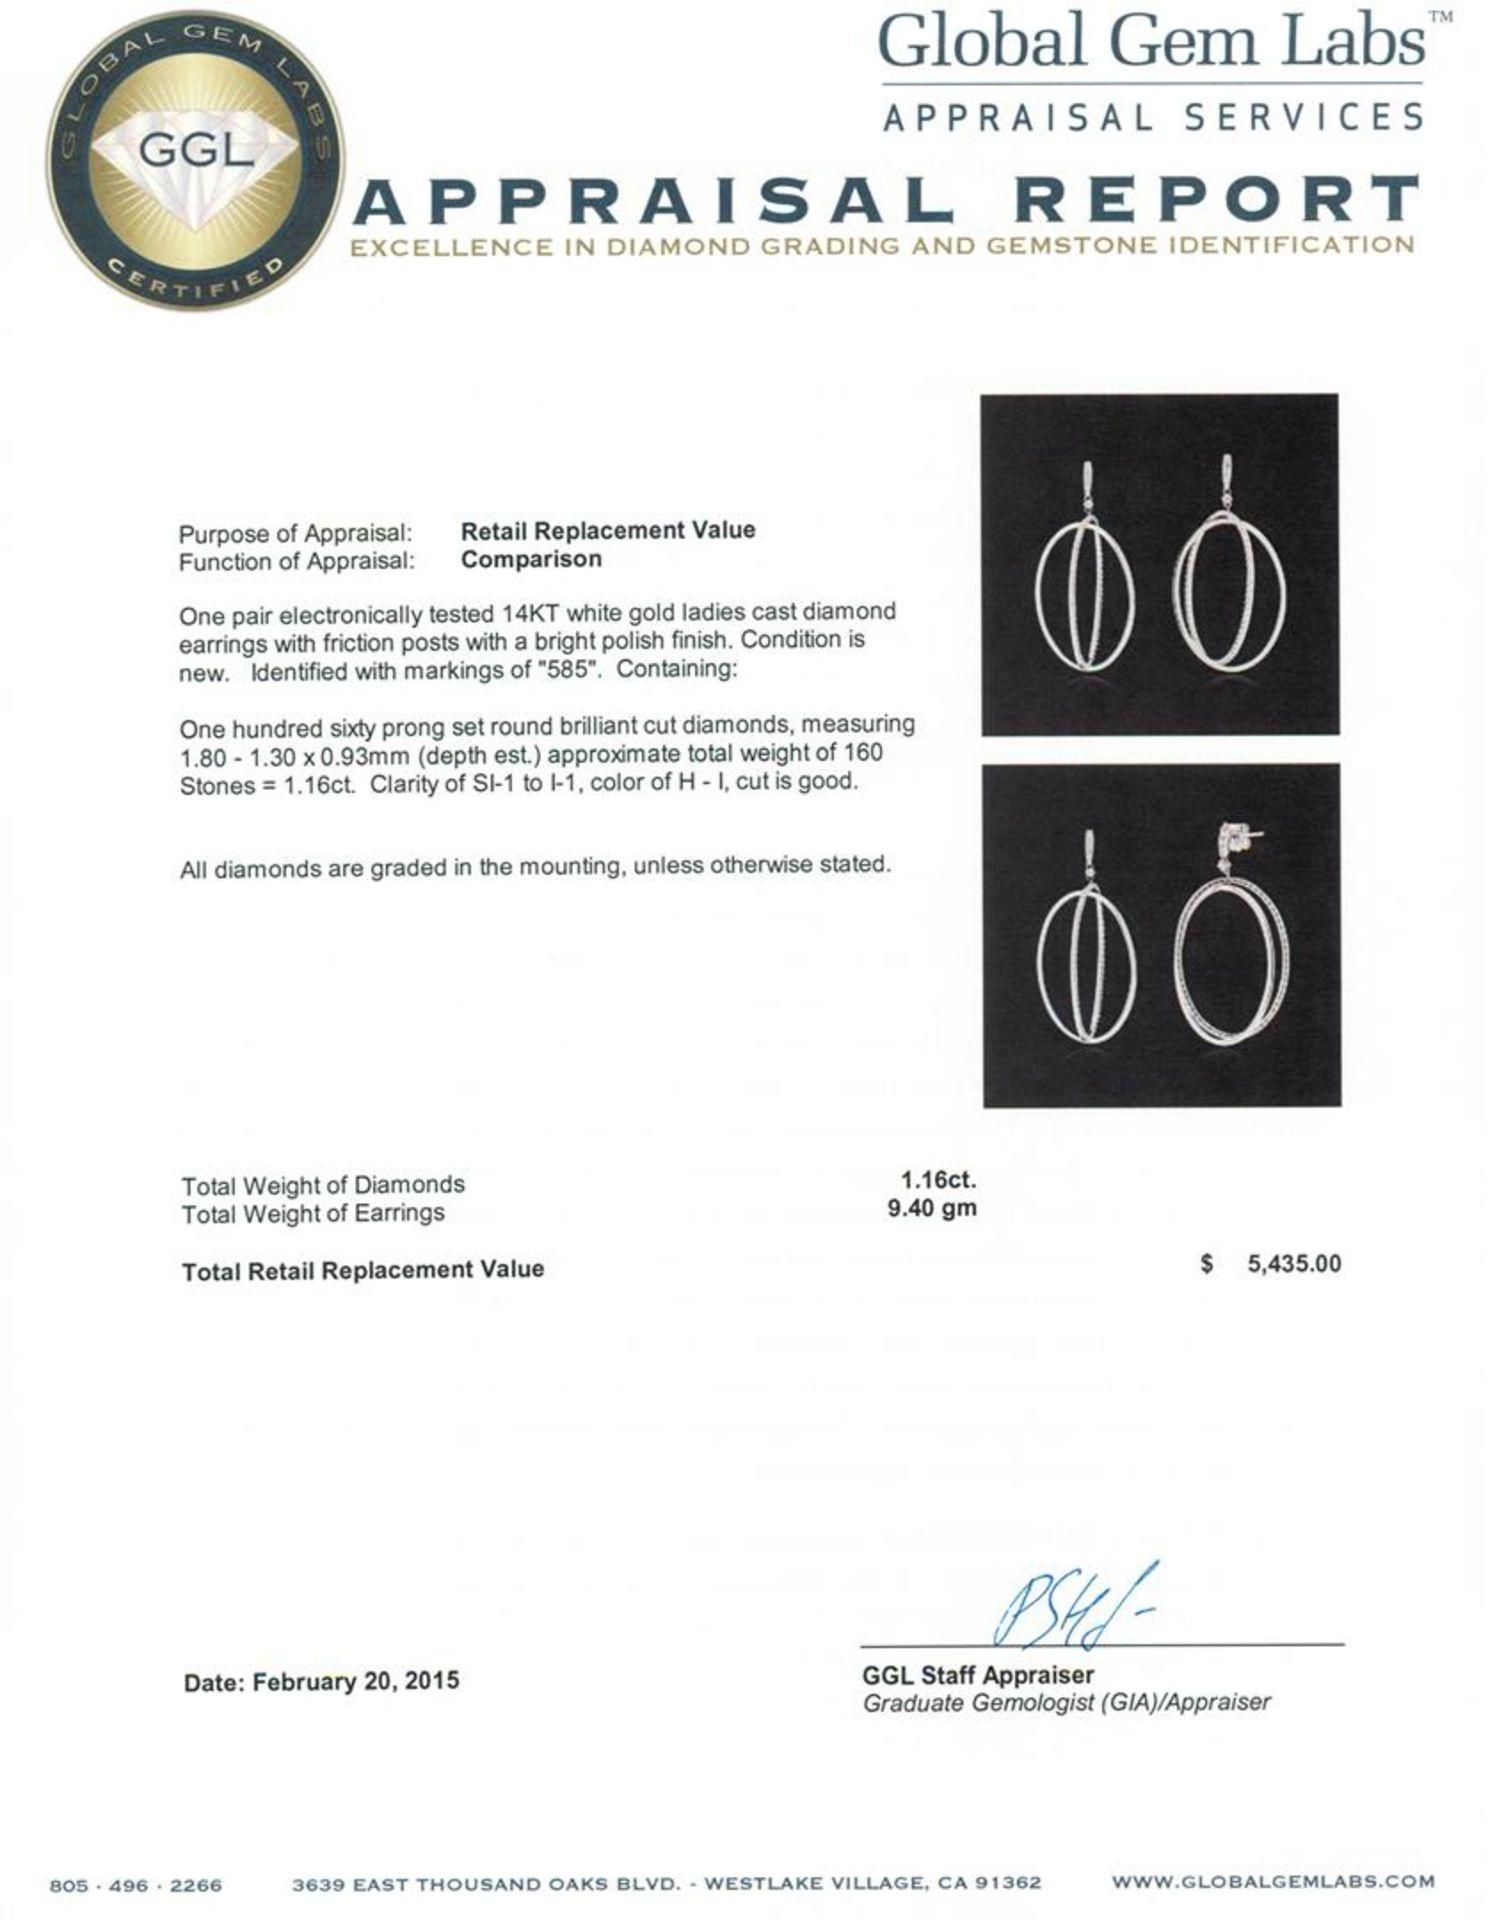 14KT White Gold 1.16 ctw Diamond Earrings - Image 3 of 3